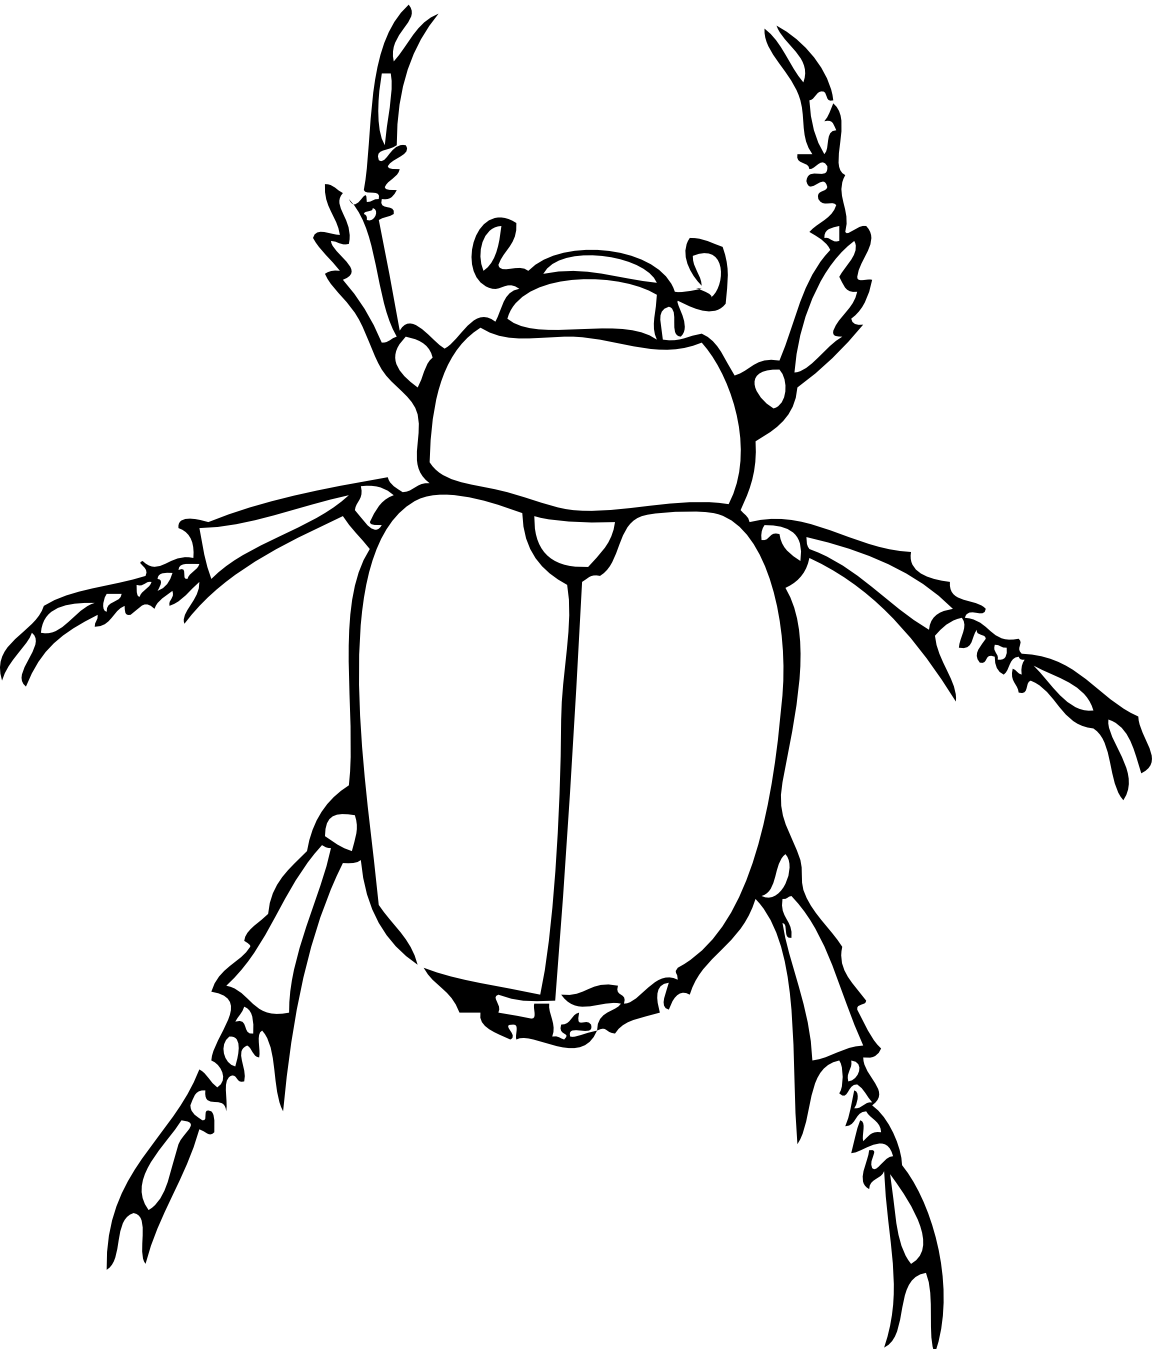 Bug Line Drawing